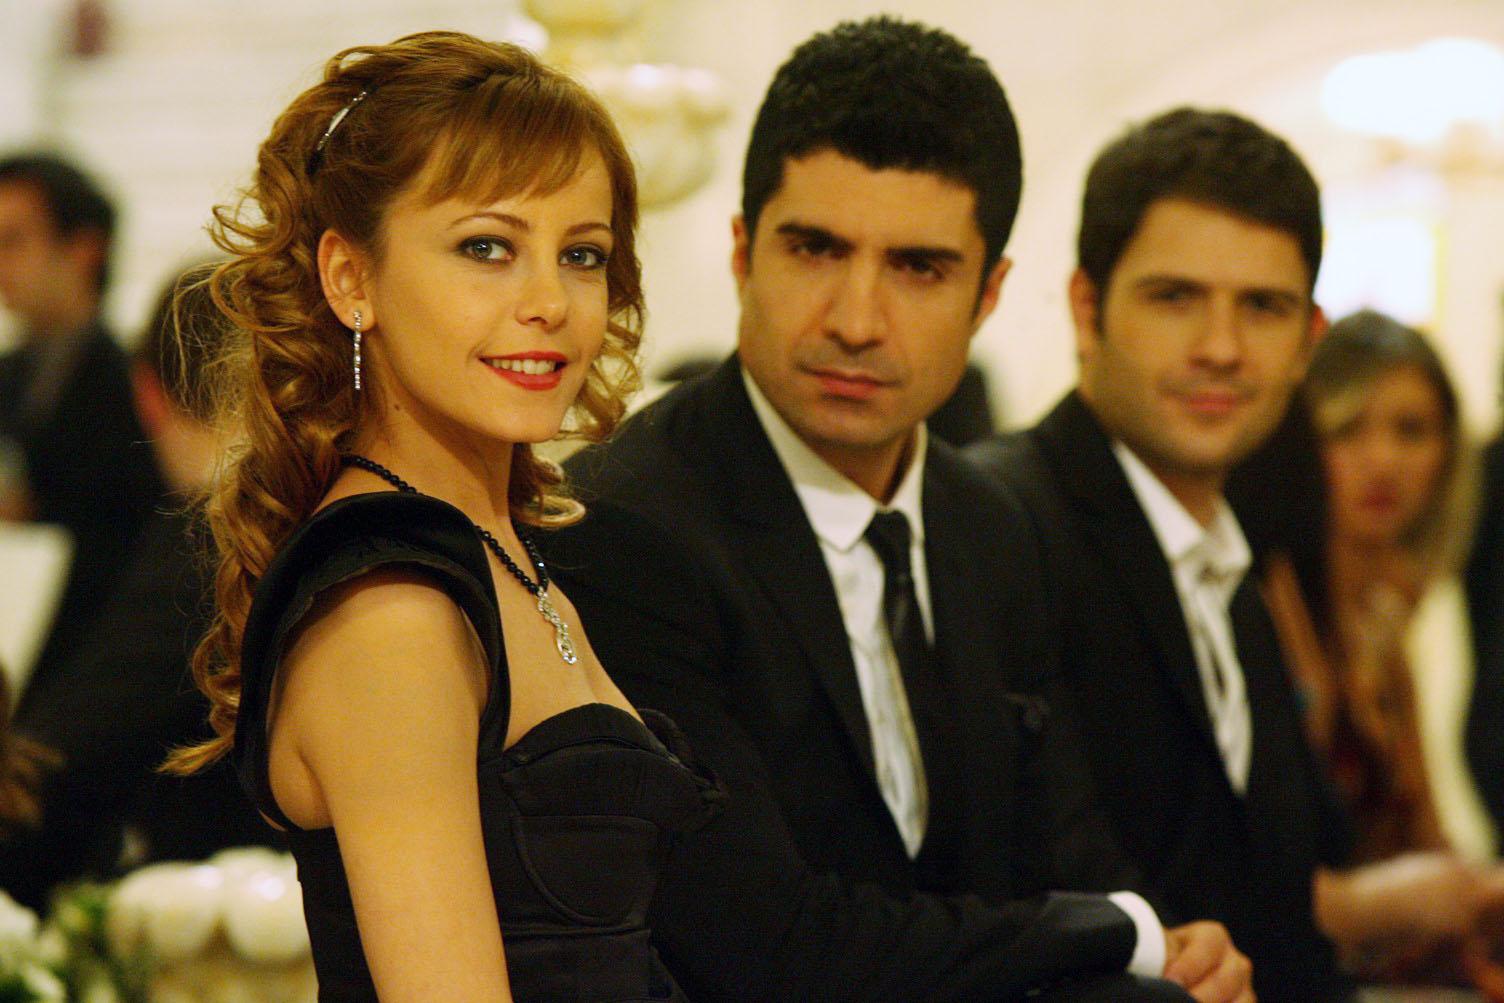 брокера турецкий фильм опасная любовь сдавать кровь